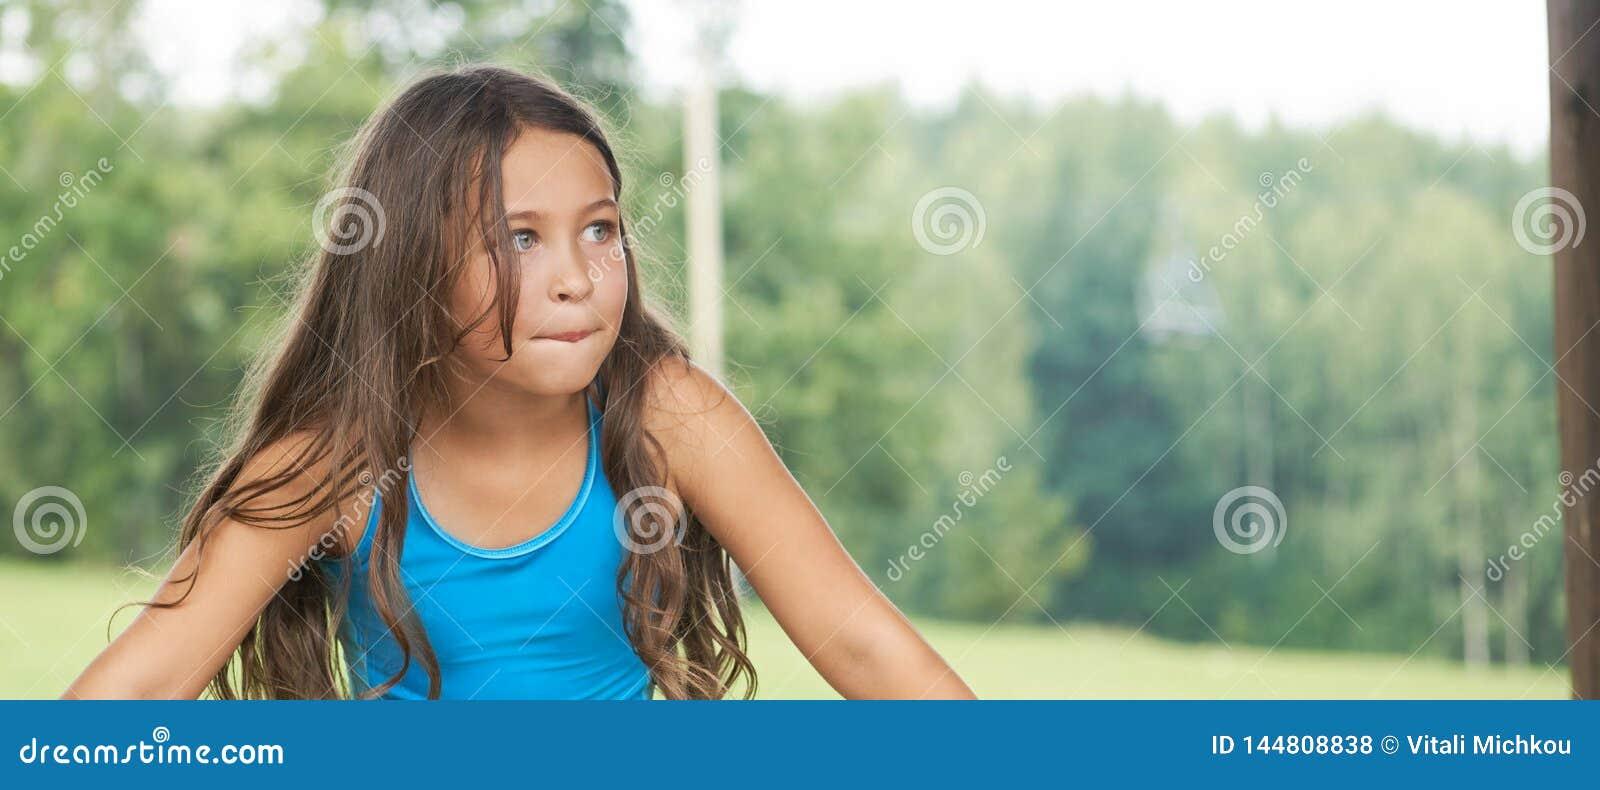 有长发的白种人女孩在泳装 E